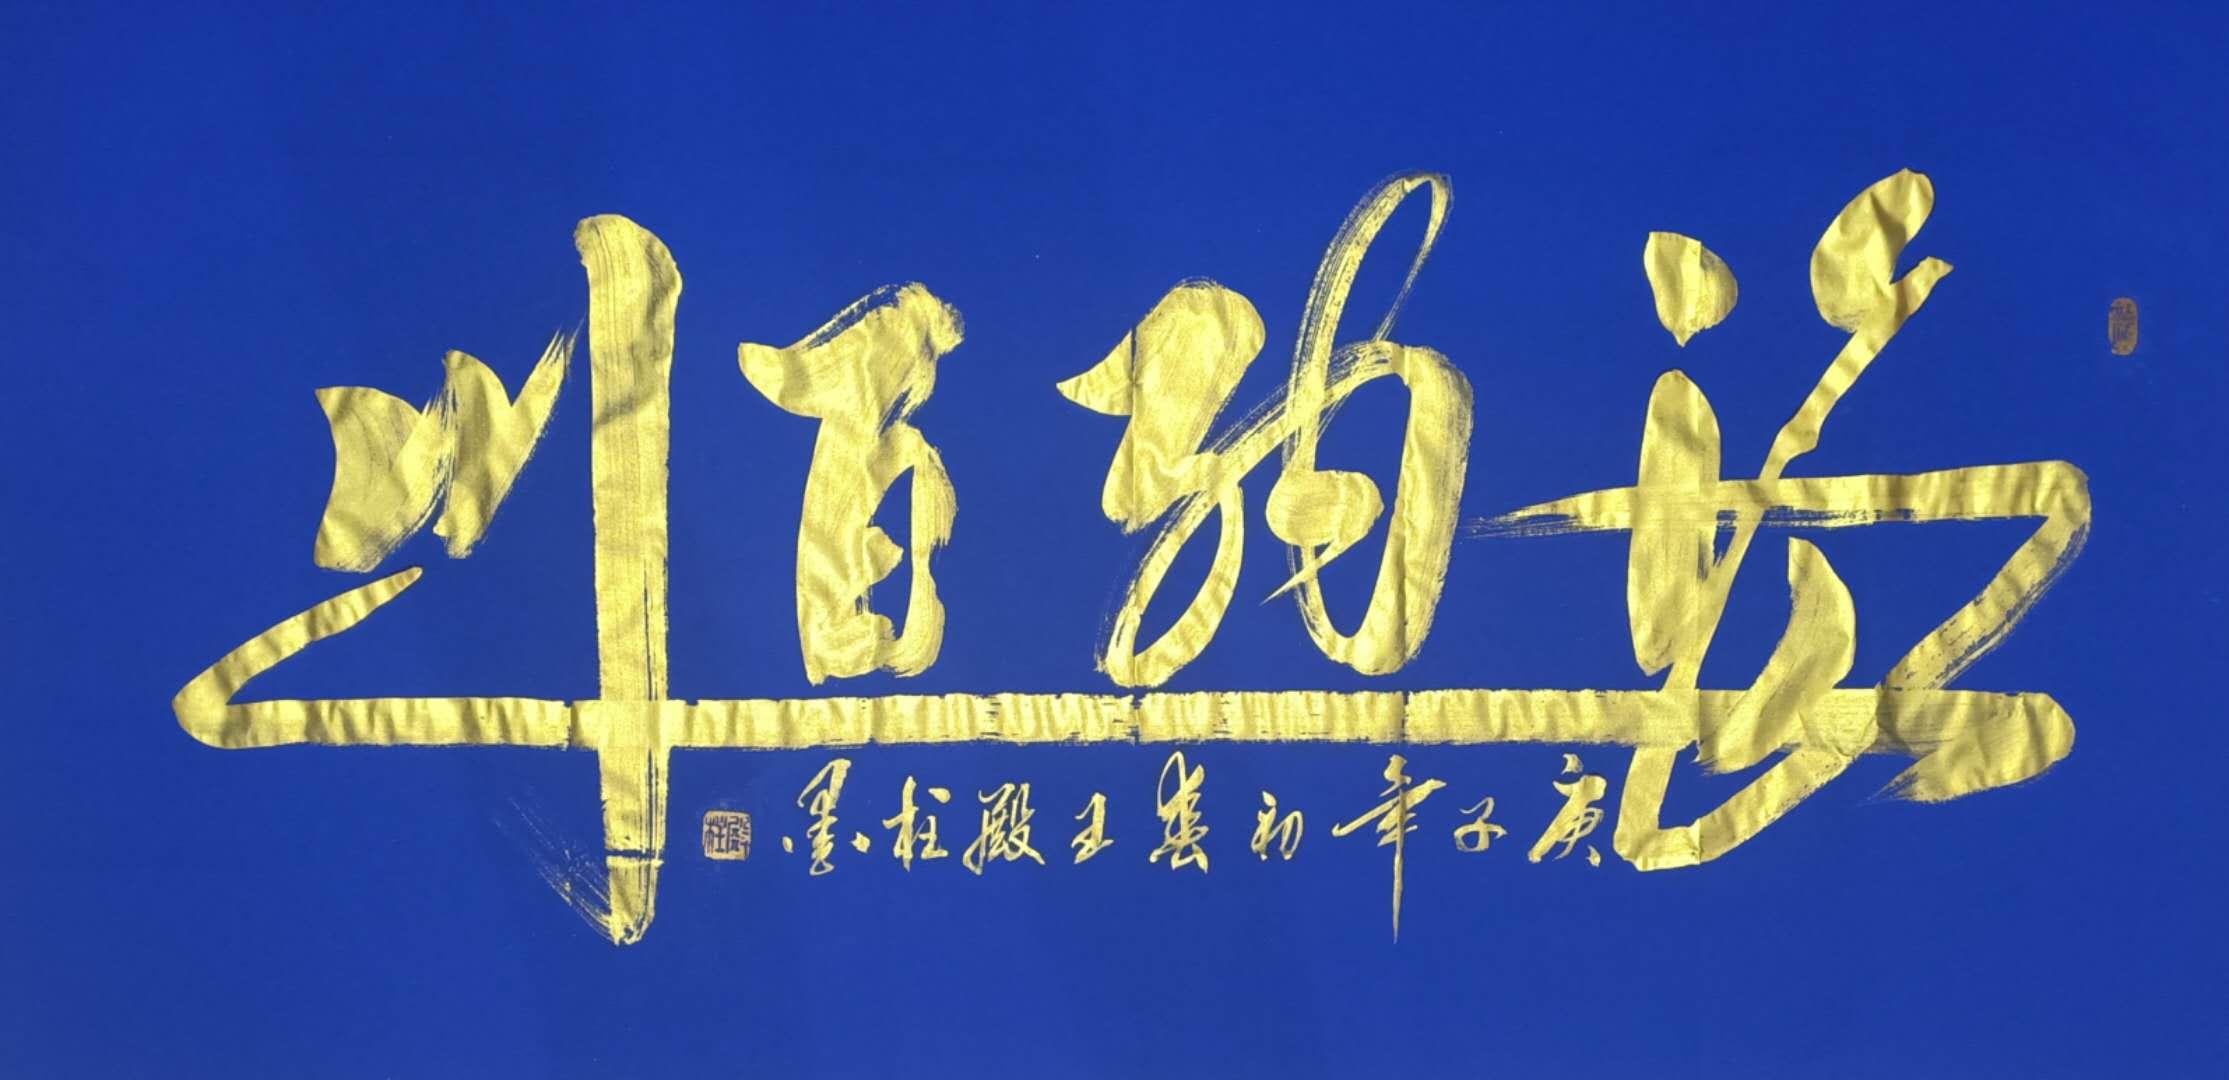 王殿柱—中国书法家协会会员